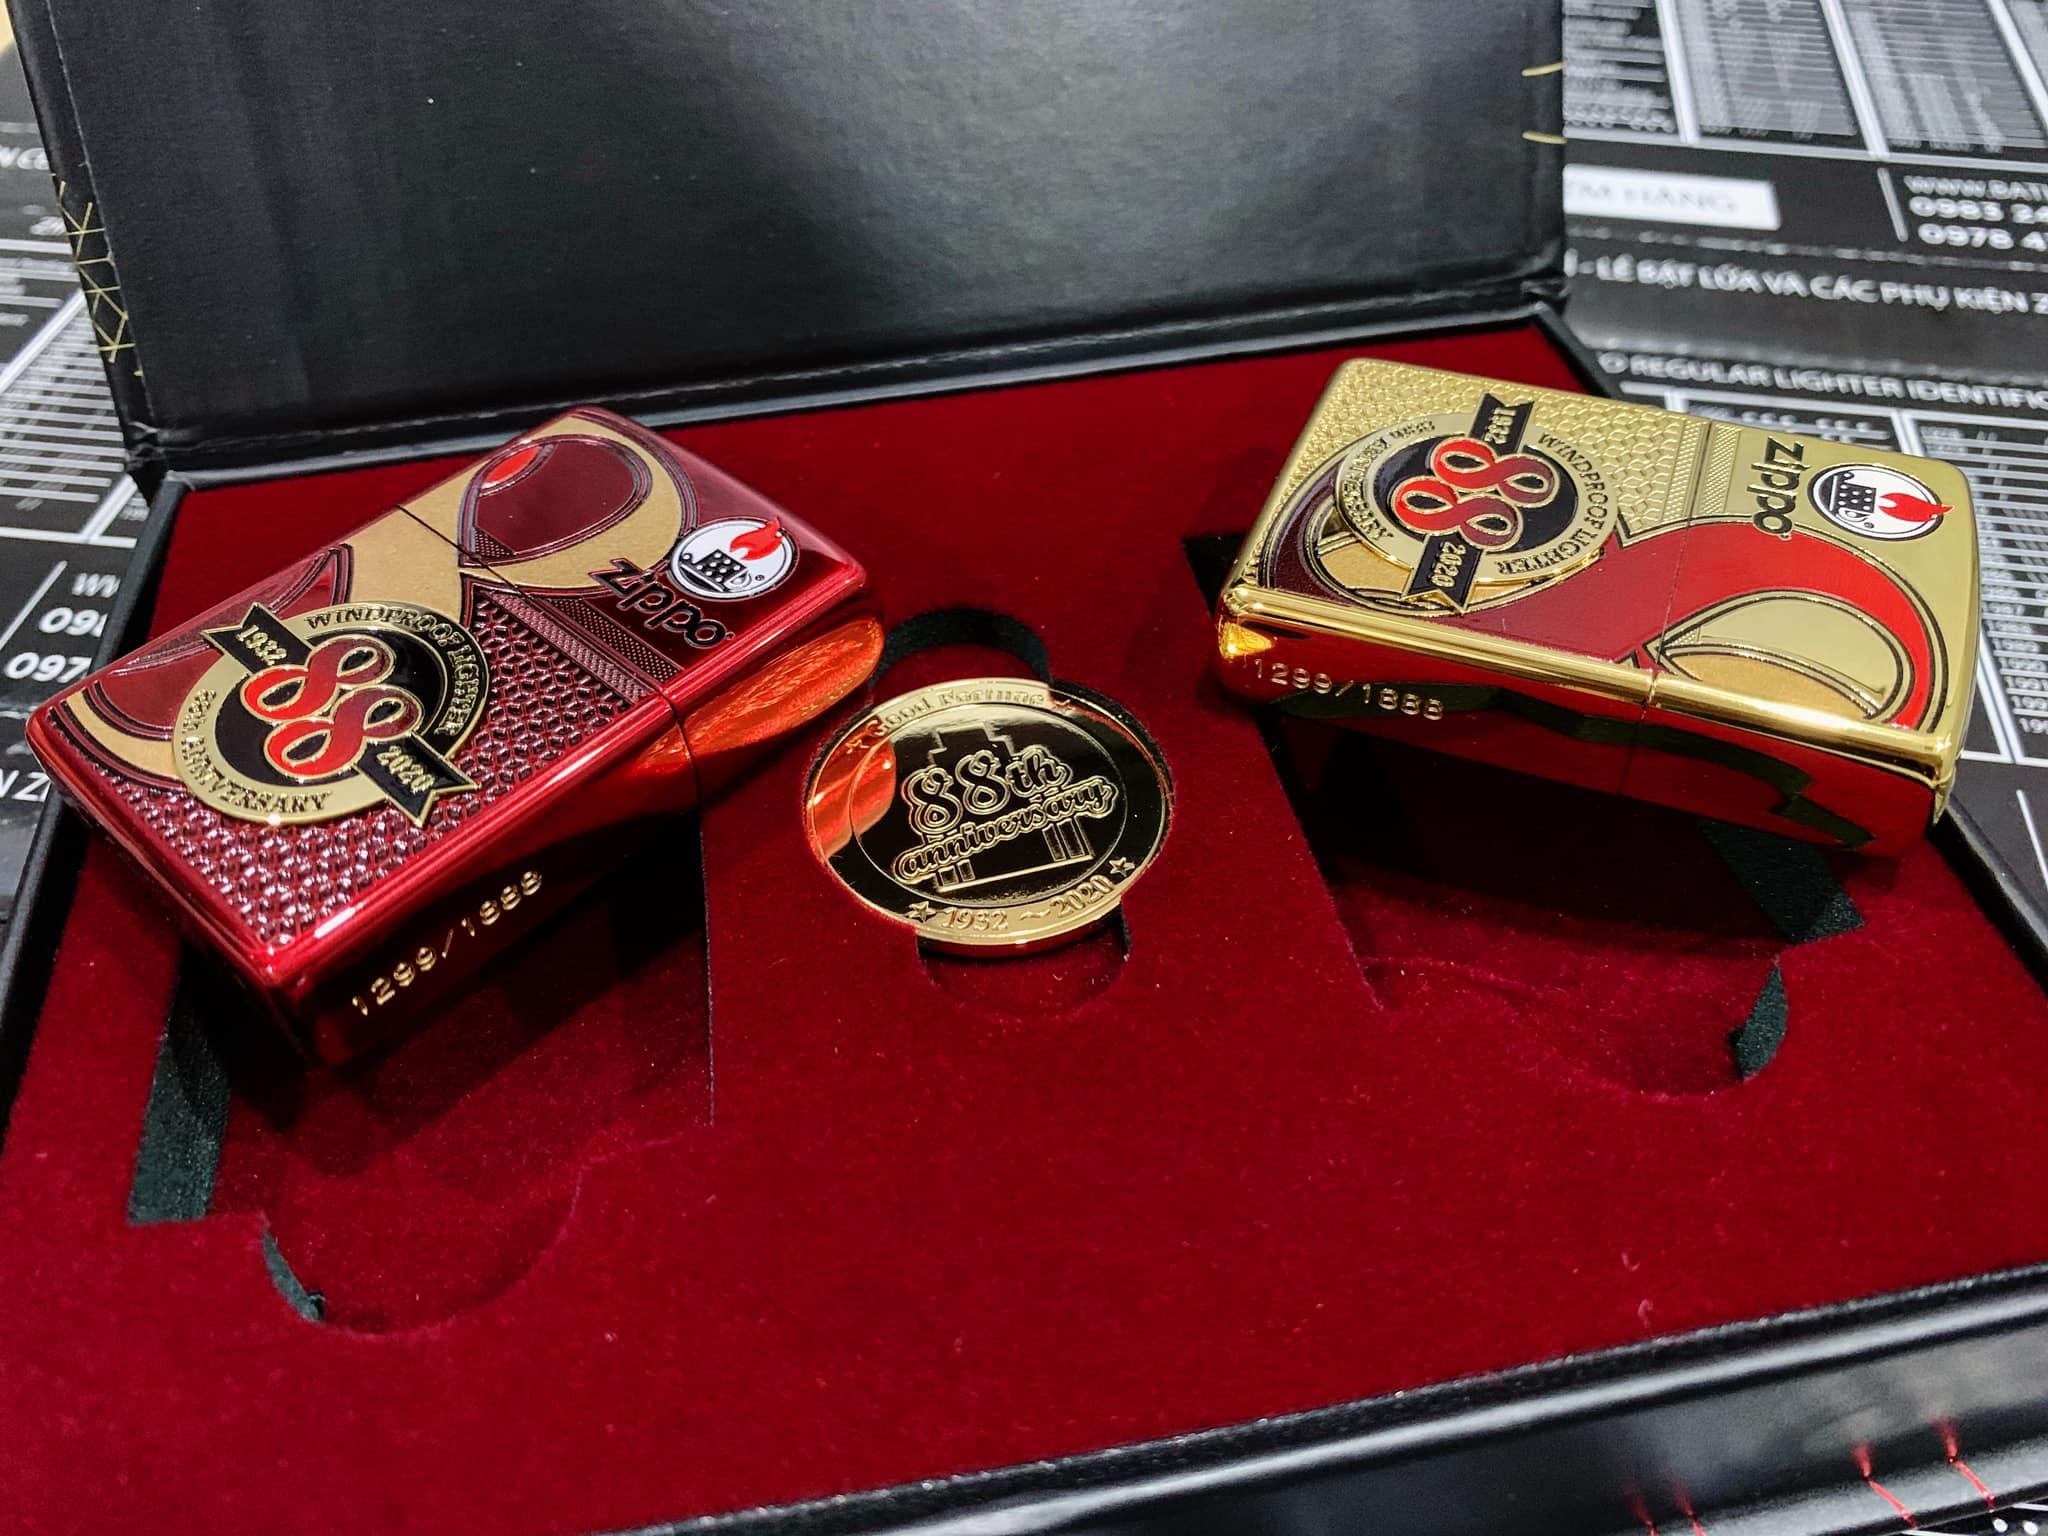 Zippo Edition Box Set 88Th Anniversary Asia Limited - Zippo Phiên Bản Giới Hạn Kỷ Niệm 88 Năm Ra Đời Bật Lửa Zippo - Zippo ZA-2-147C 18